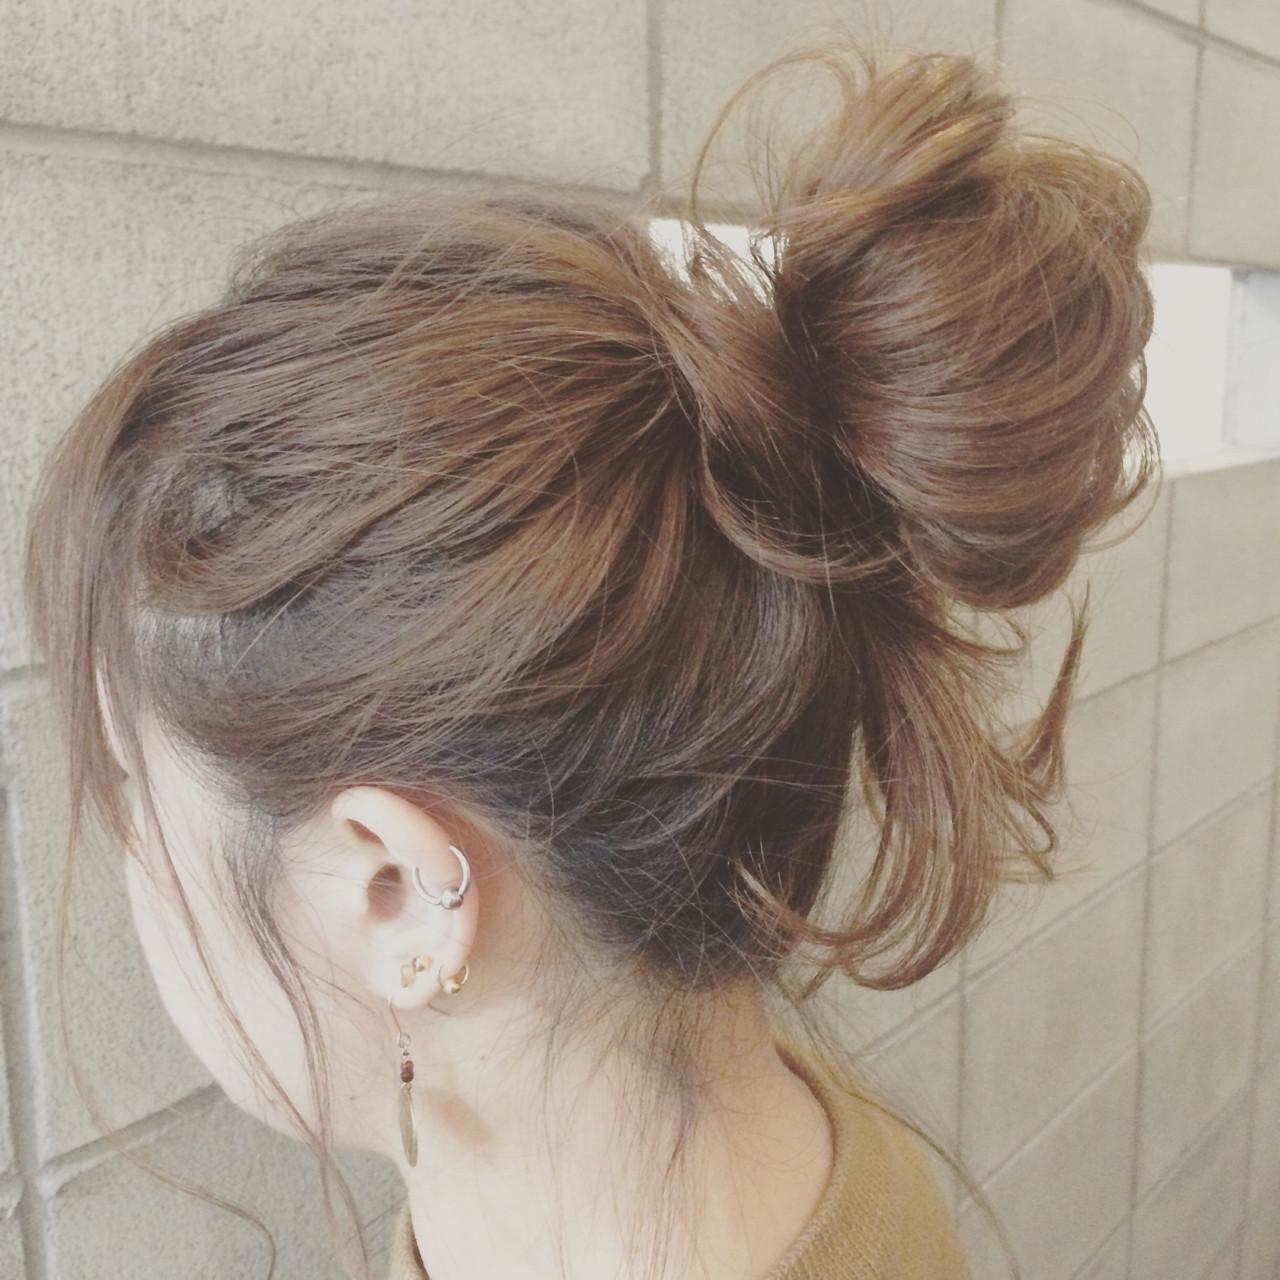 夏が来る前にチェックしよう!水着に合わせやすい髪型10選 北岡 伸也